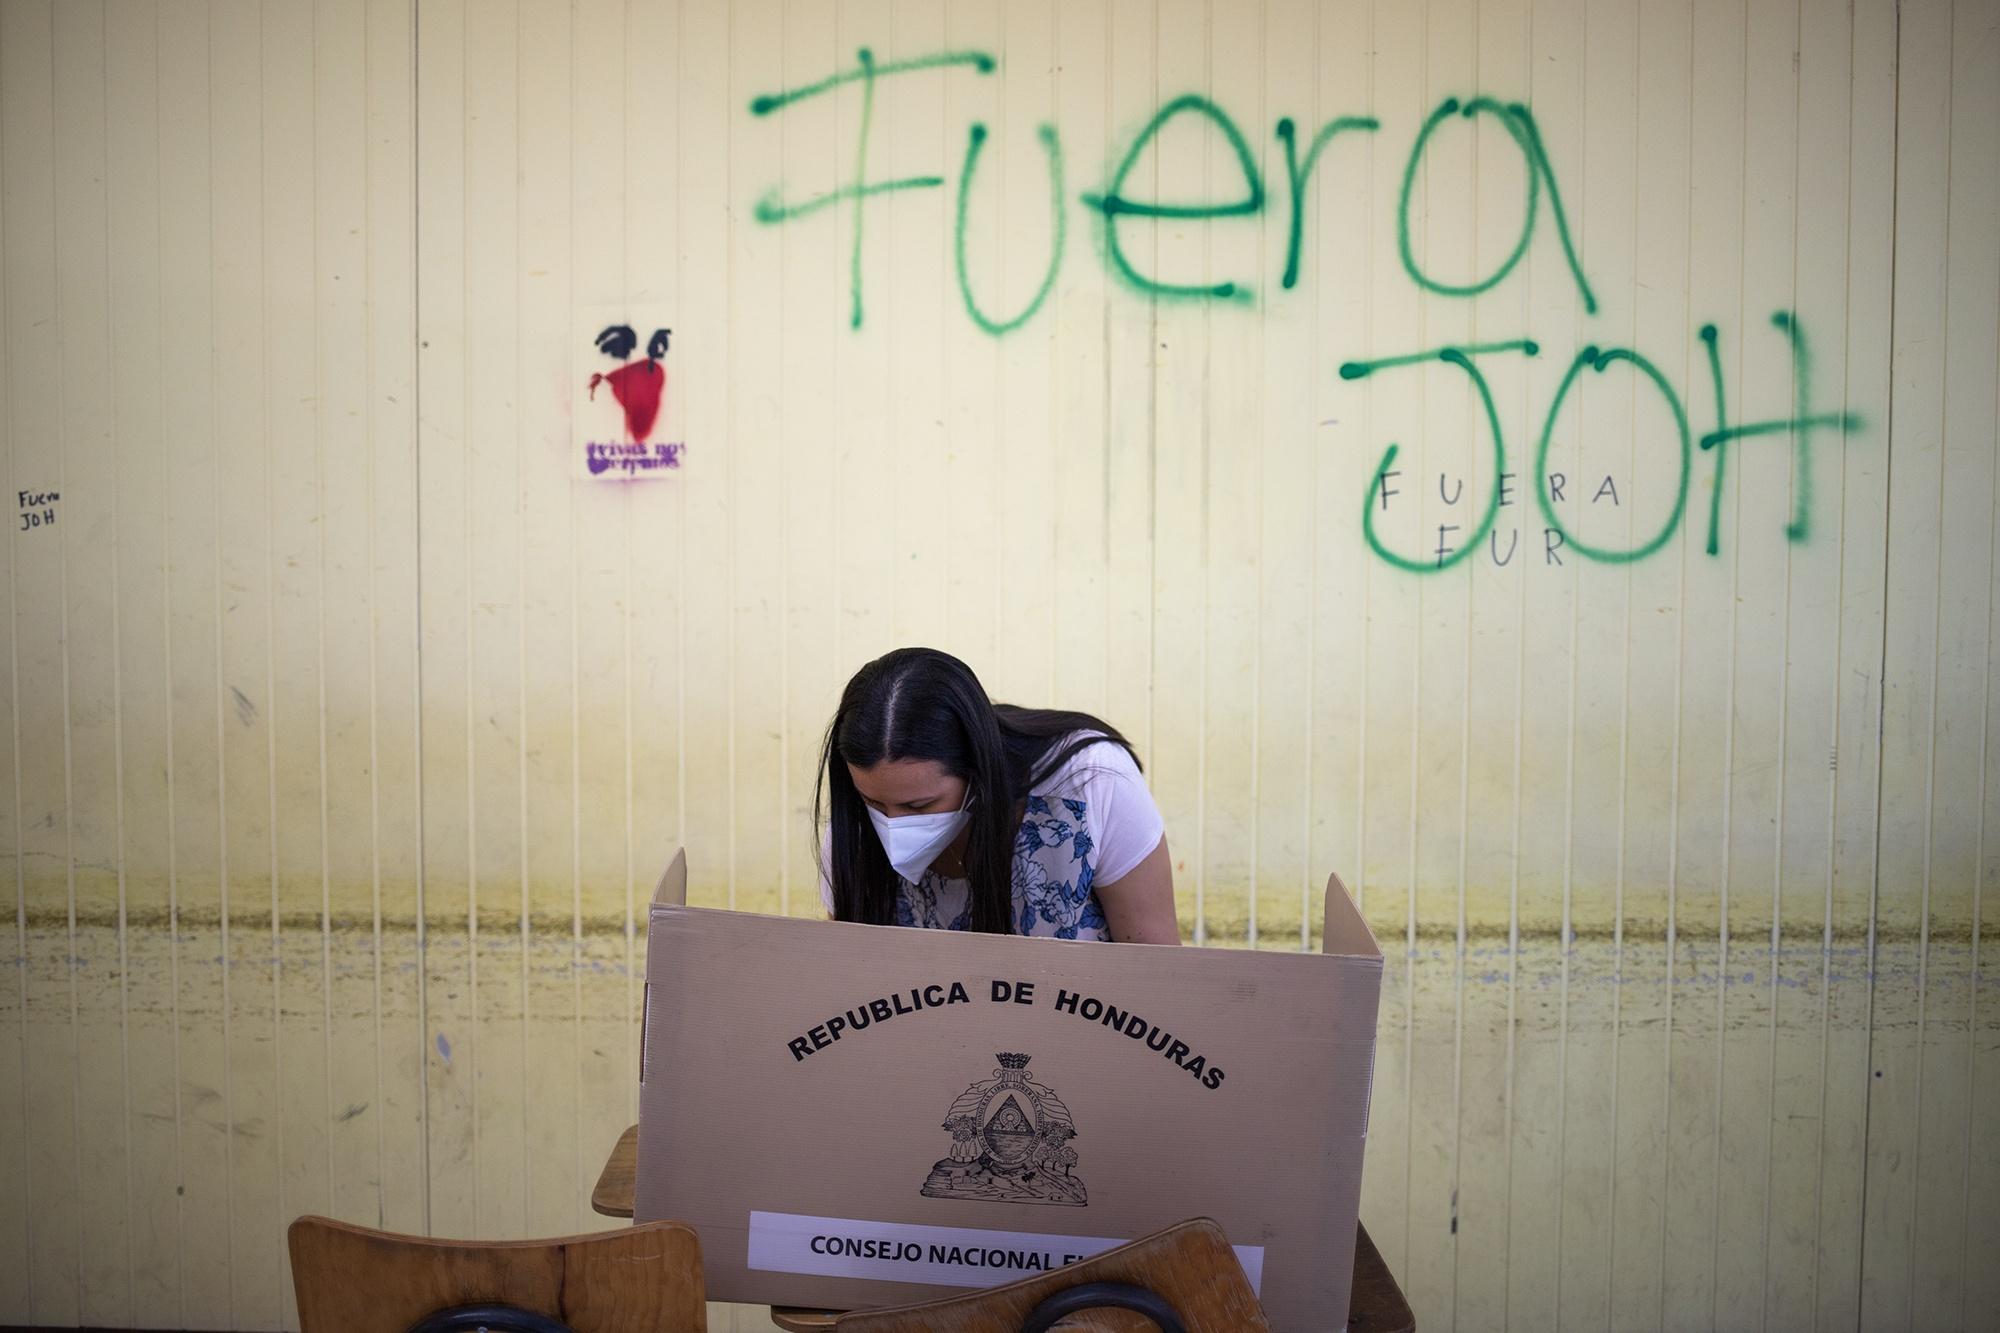 Una simpatizante del Partido Nacional ejerce el sufragio en una mesa electoral colocada delante de una pinta con la leyenda «Fuera JOH» en la Universidad Nacional Autónoma de Honduras. Tegucigalpa, 14 de marzo de 2021. Foto: Martín Cálix.